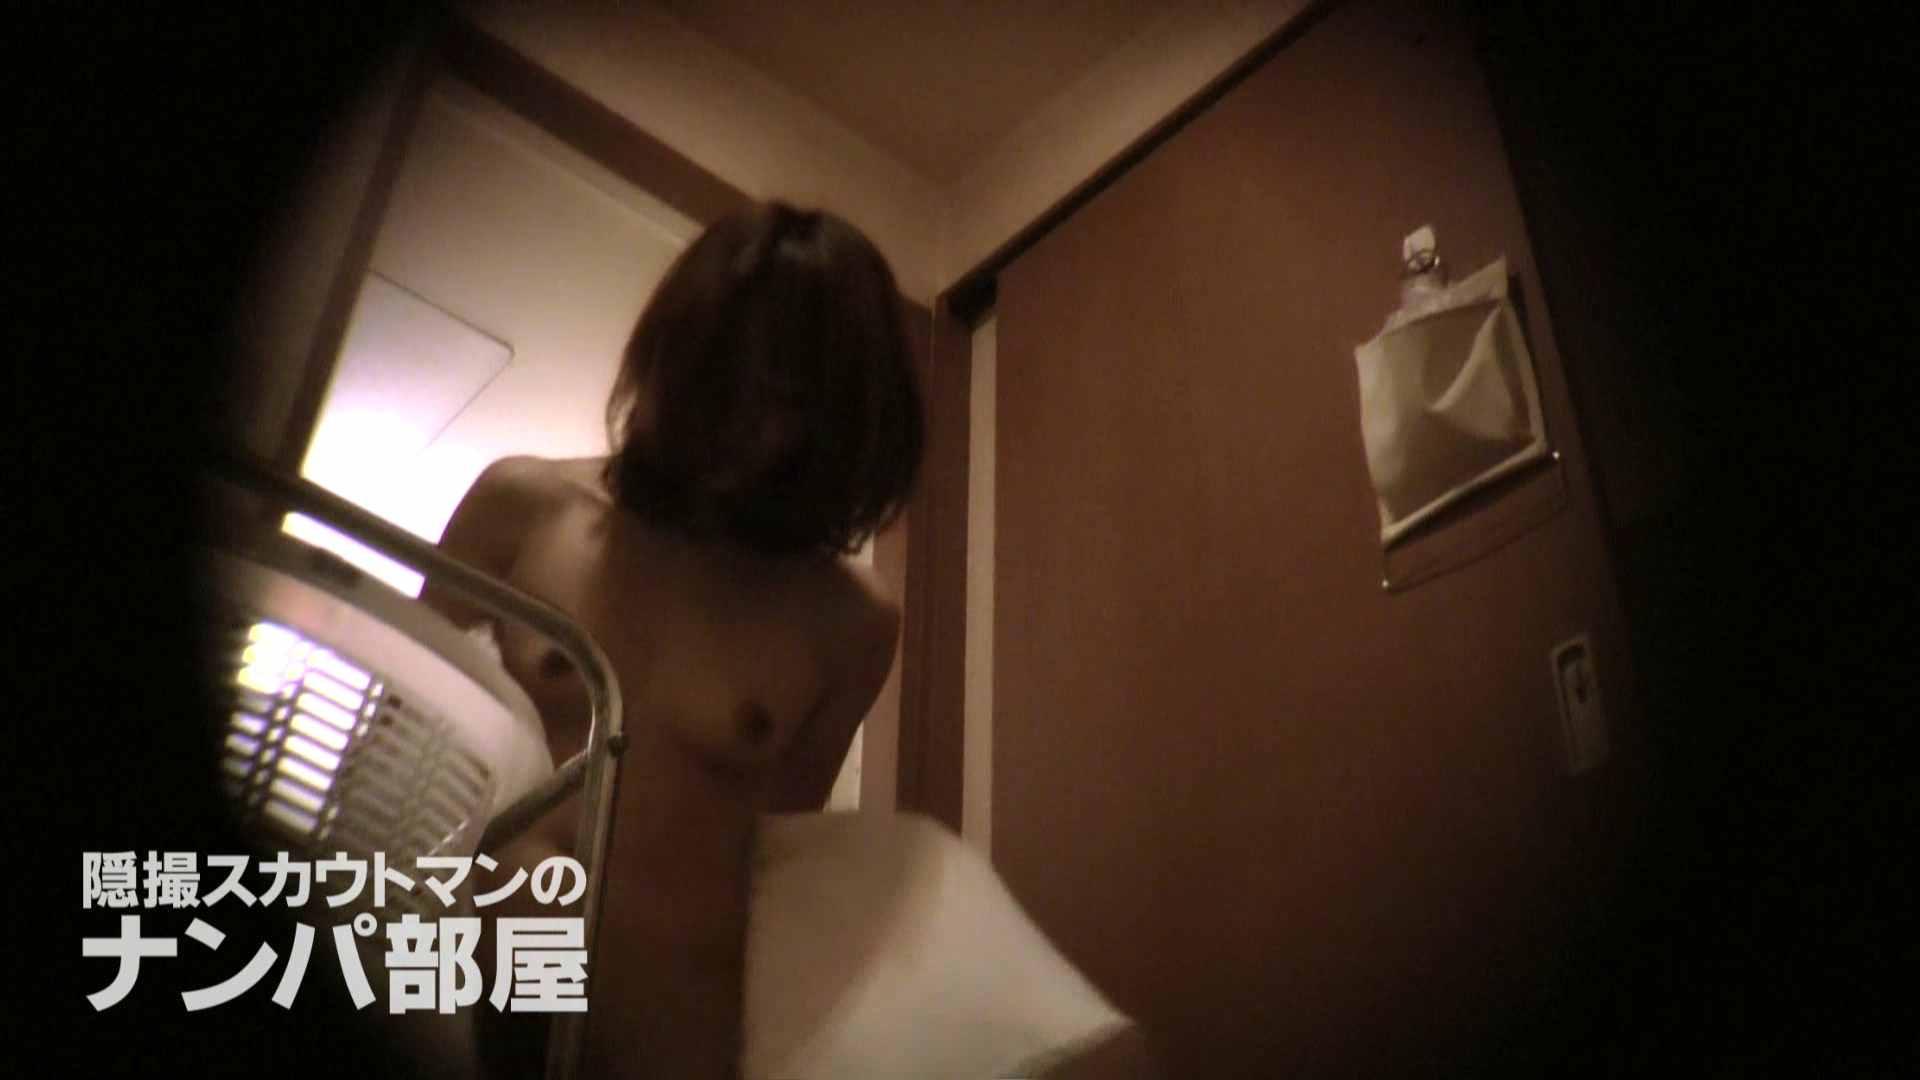 隠撮スカウトマンのナンパ部屋~風俗デビュー前のつまみ食い~ sii 隠撮  68連発 33